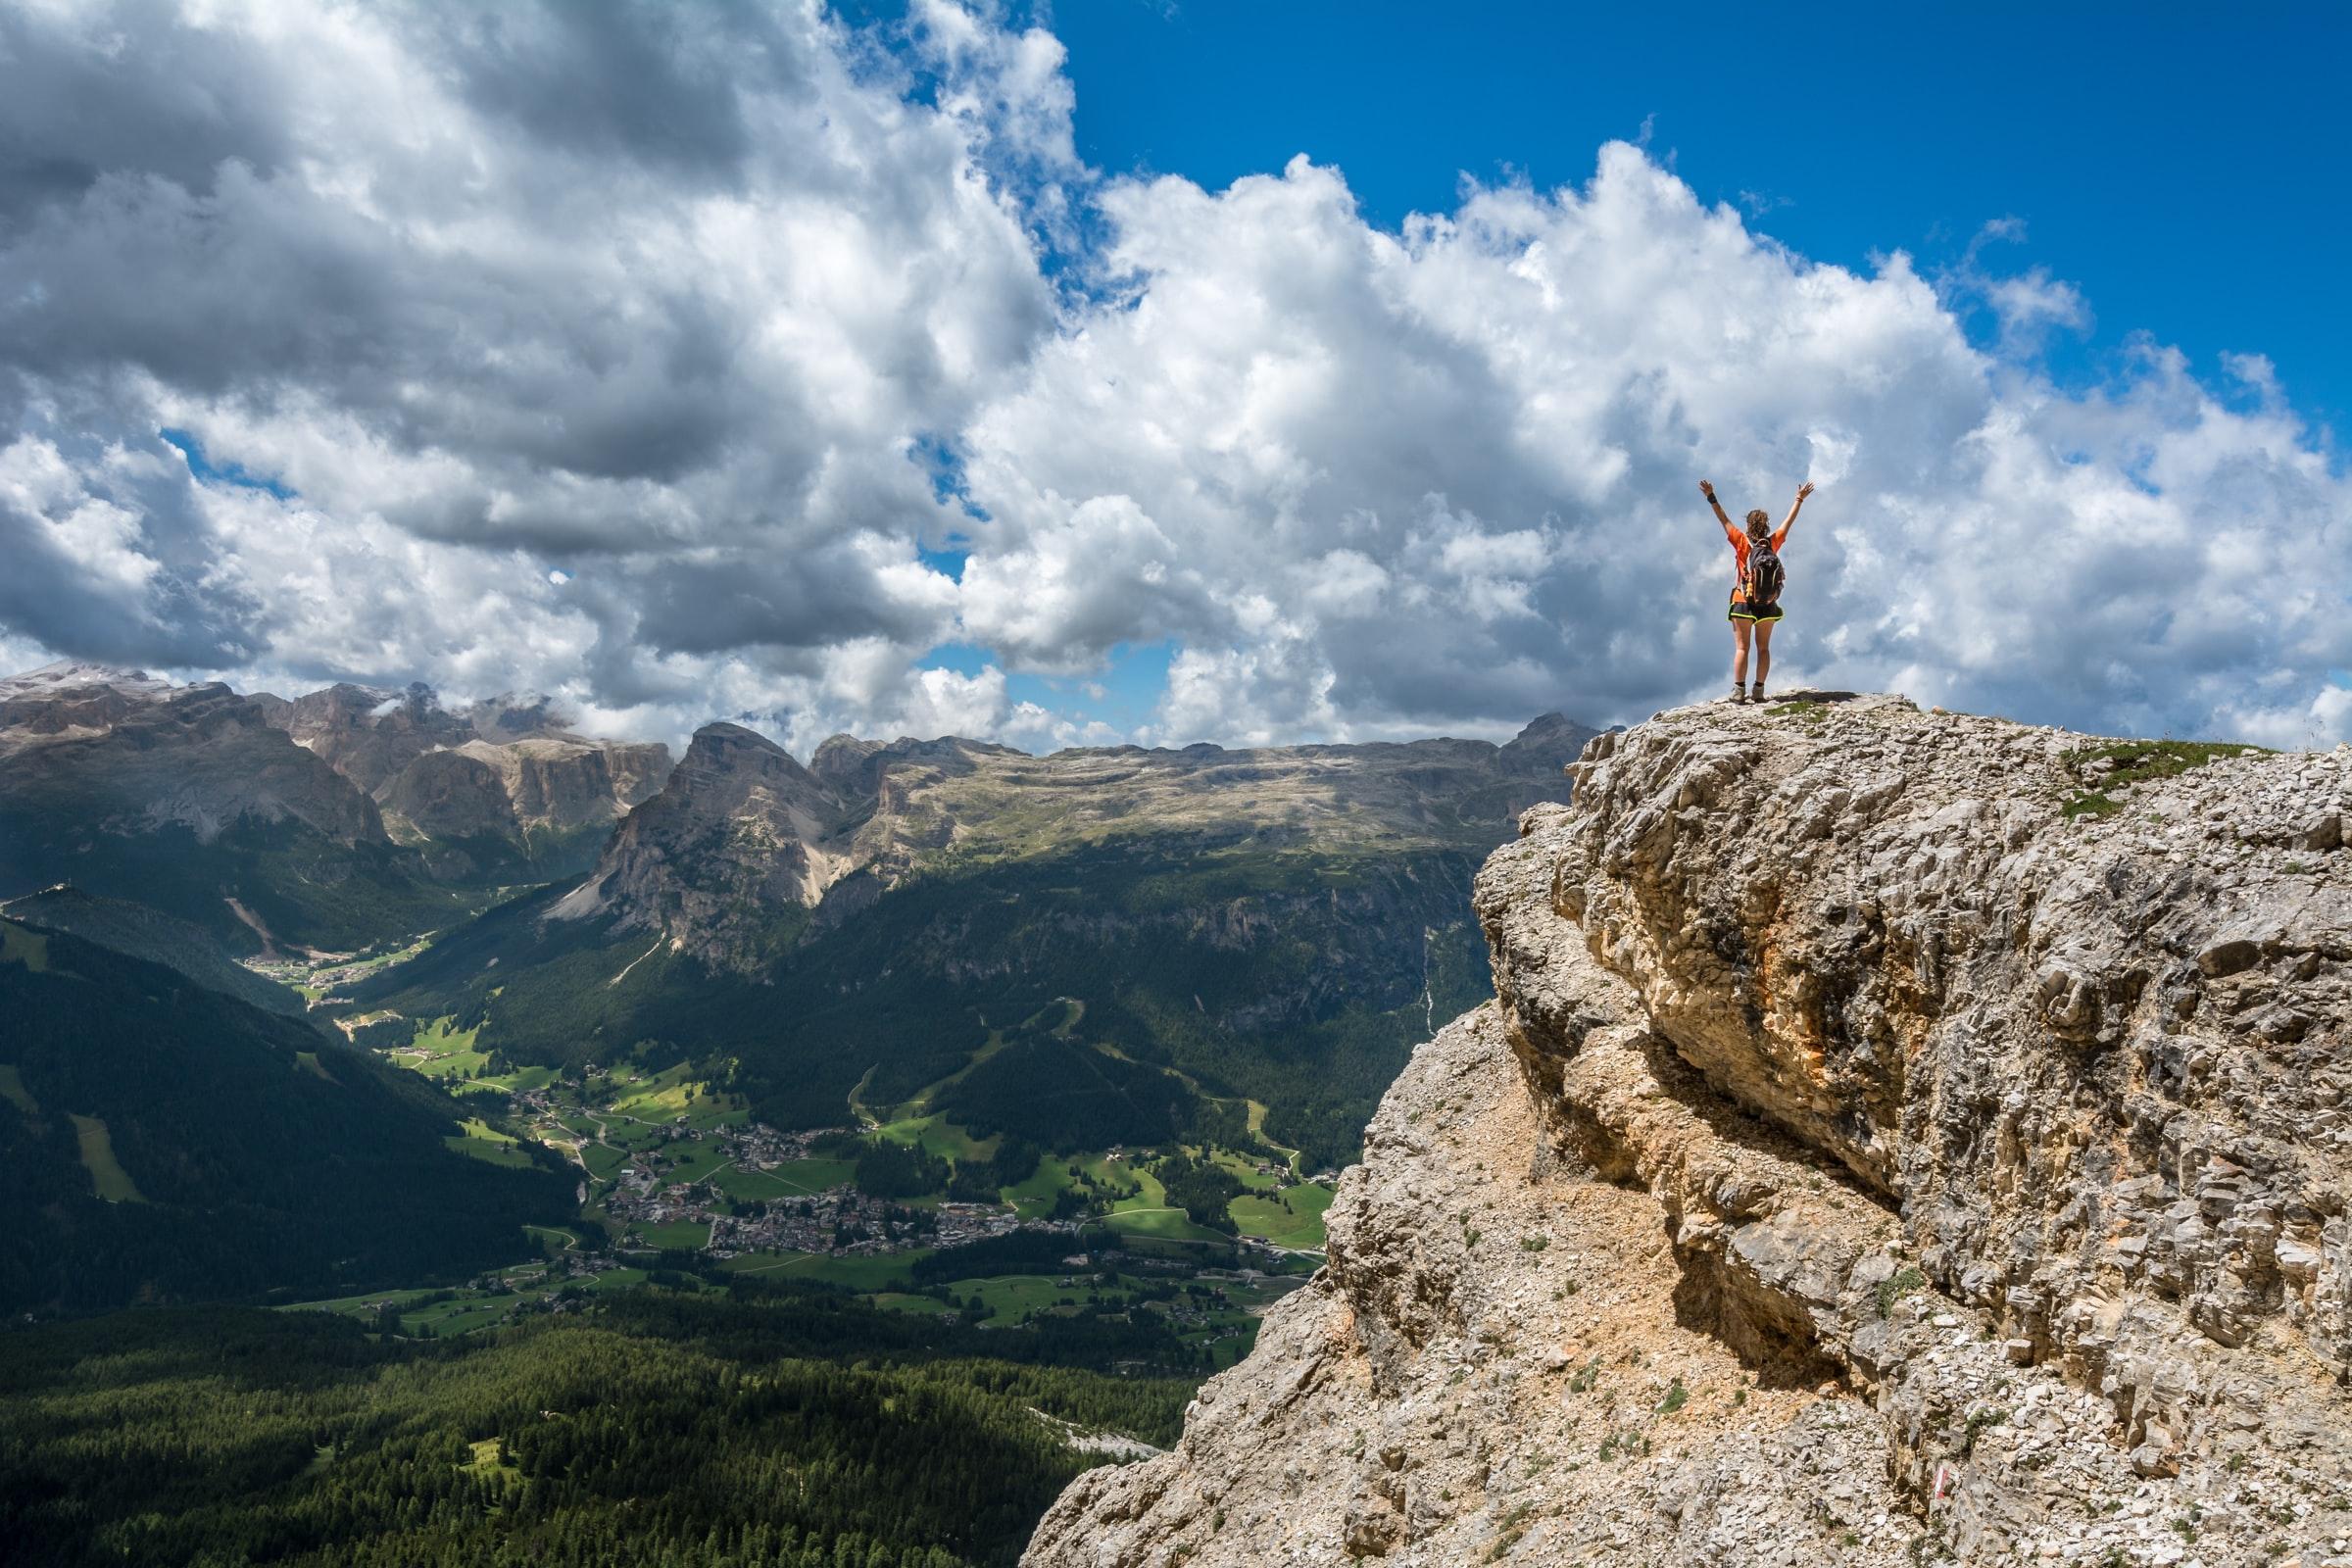 Успешный успех как победить прокрастинацию, узнать свои желания, поставить четкие цели и достичь их